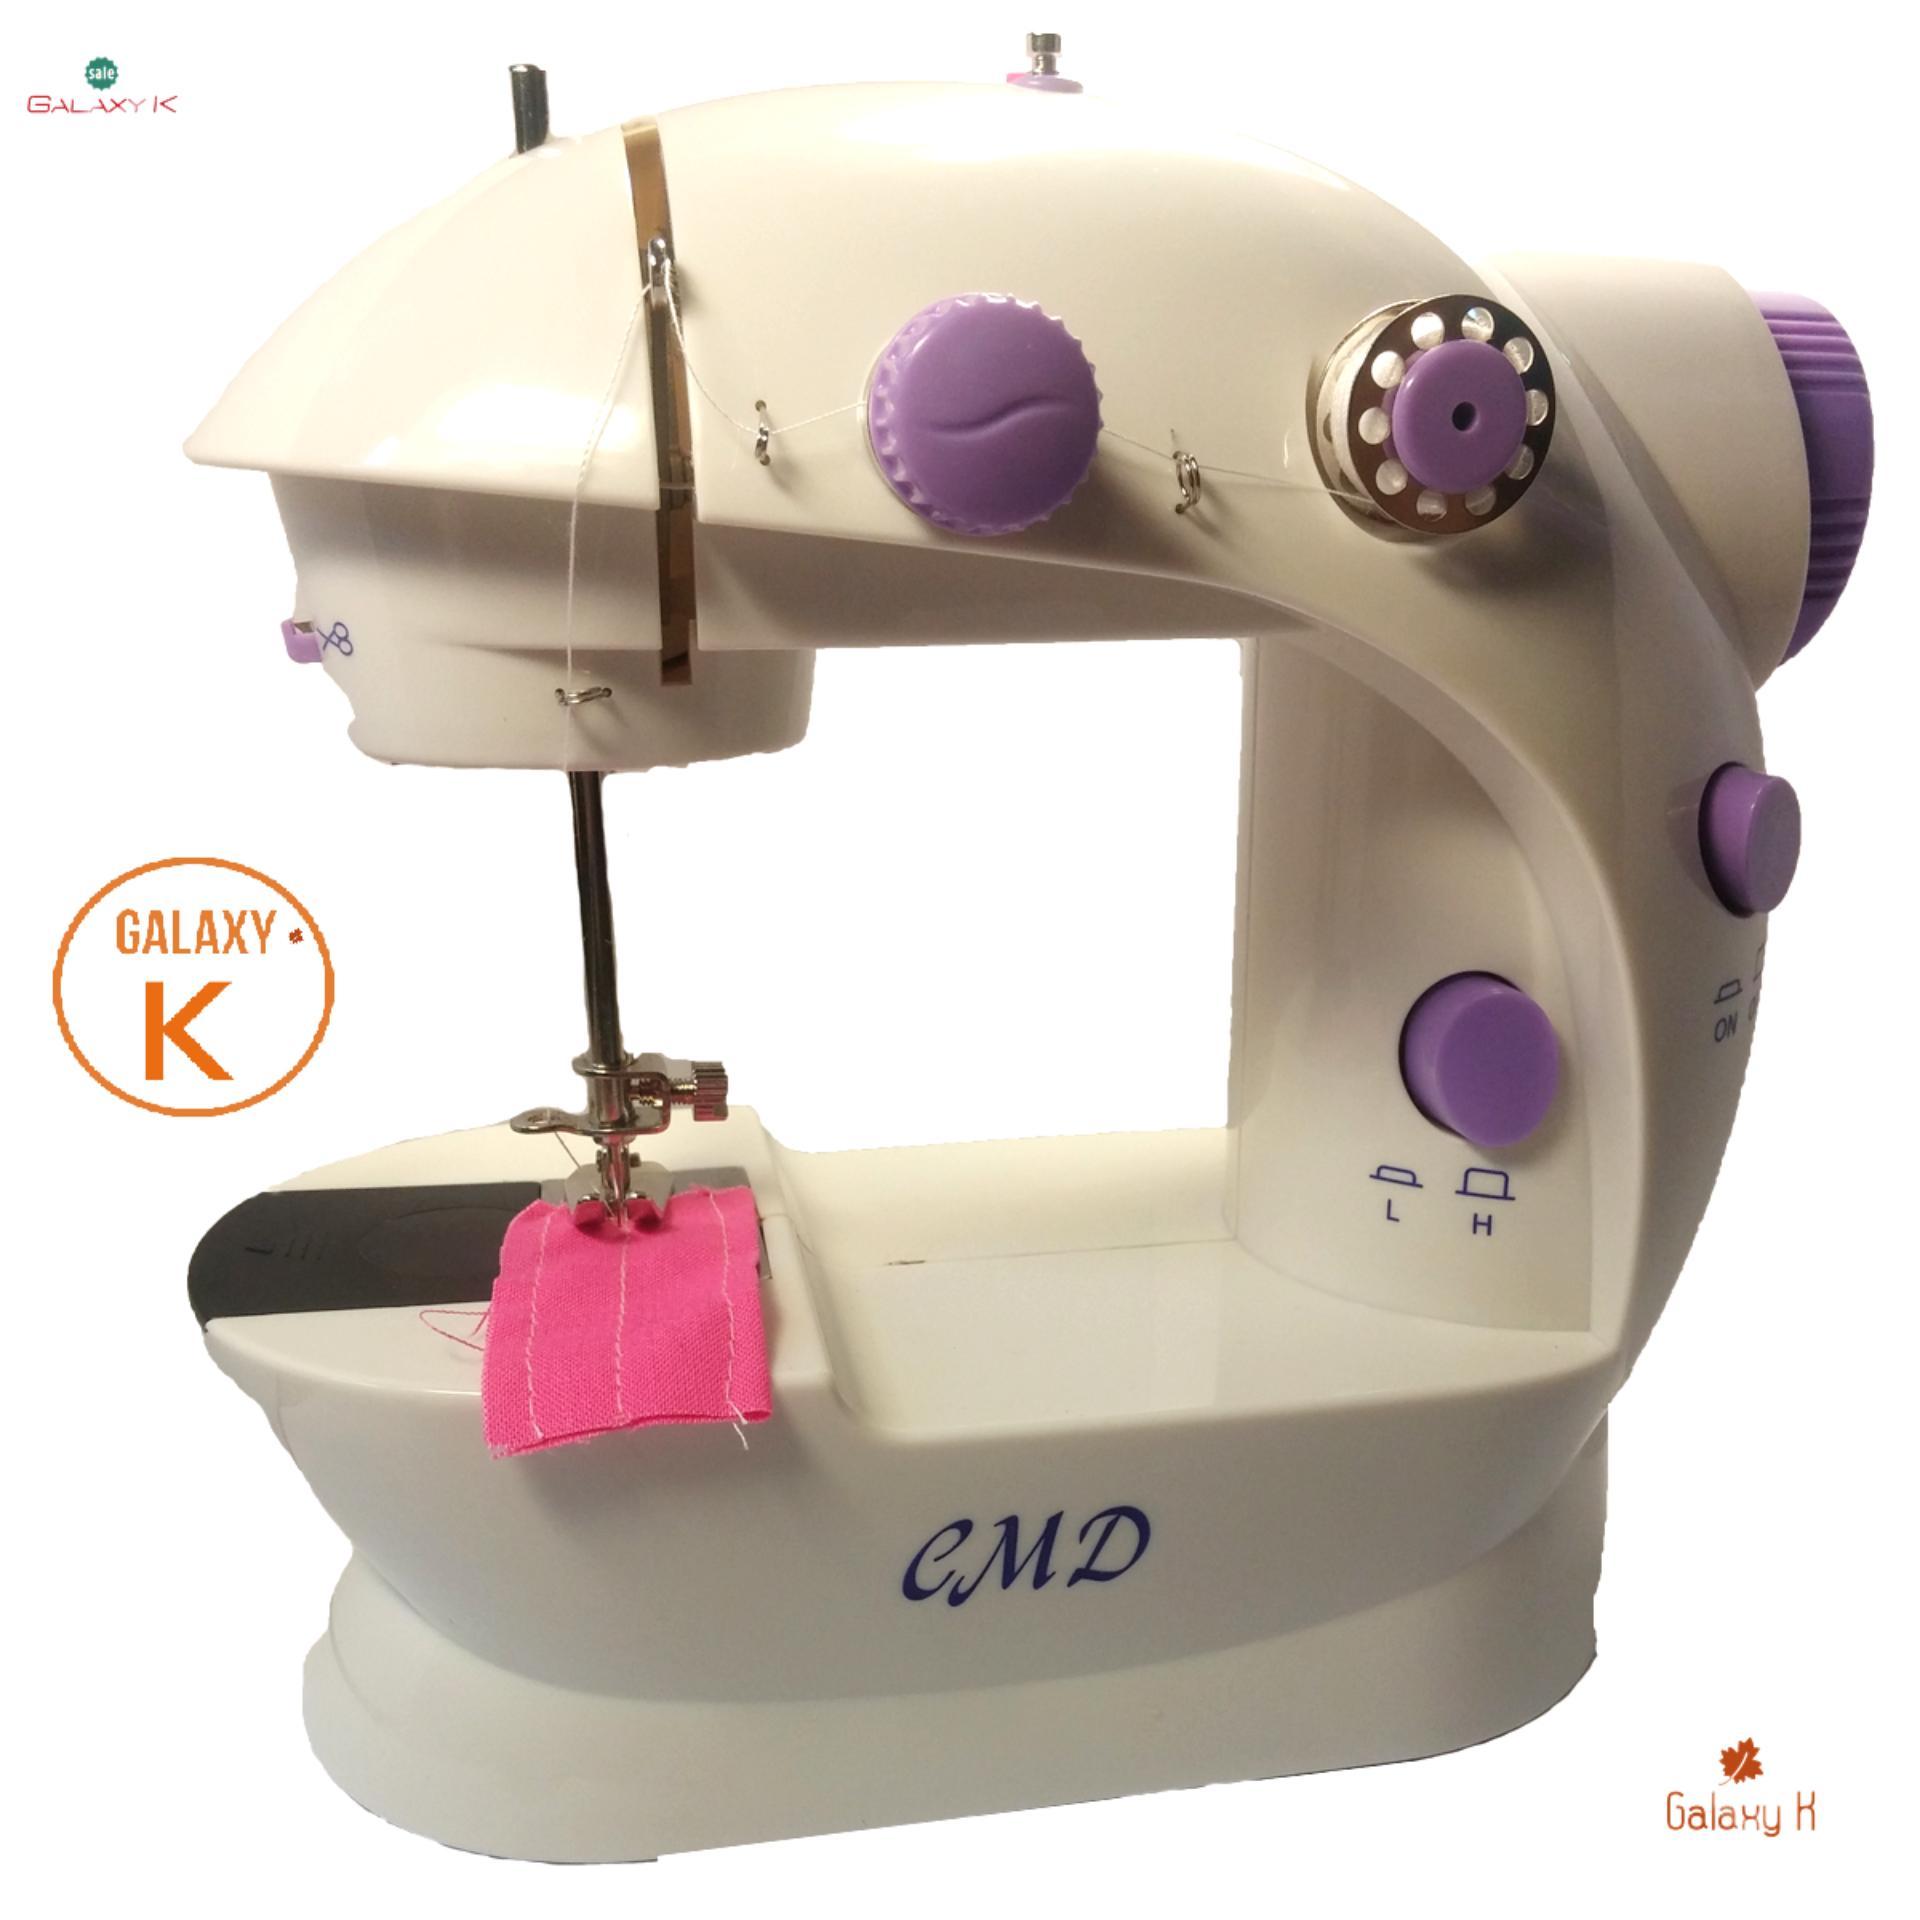 máy may bàn đạp - may may juki cua nhat - máy may mini GalaxyK tiện lợi dễ dùng dễ sử dụng phù hợp với người Việt Nam